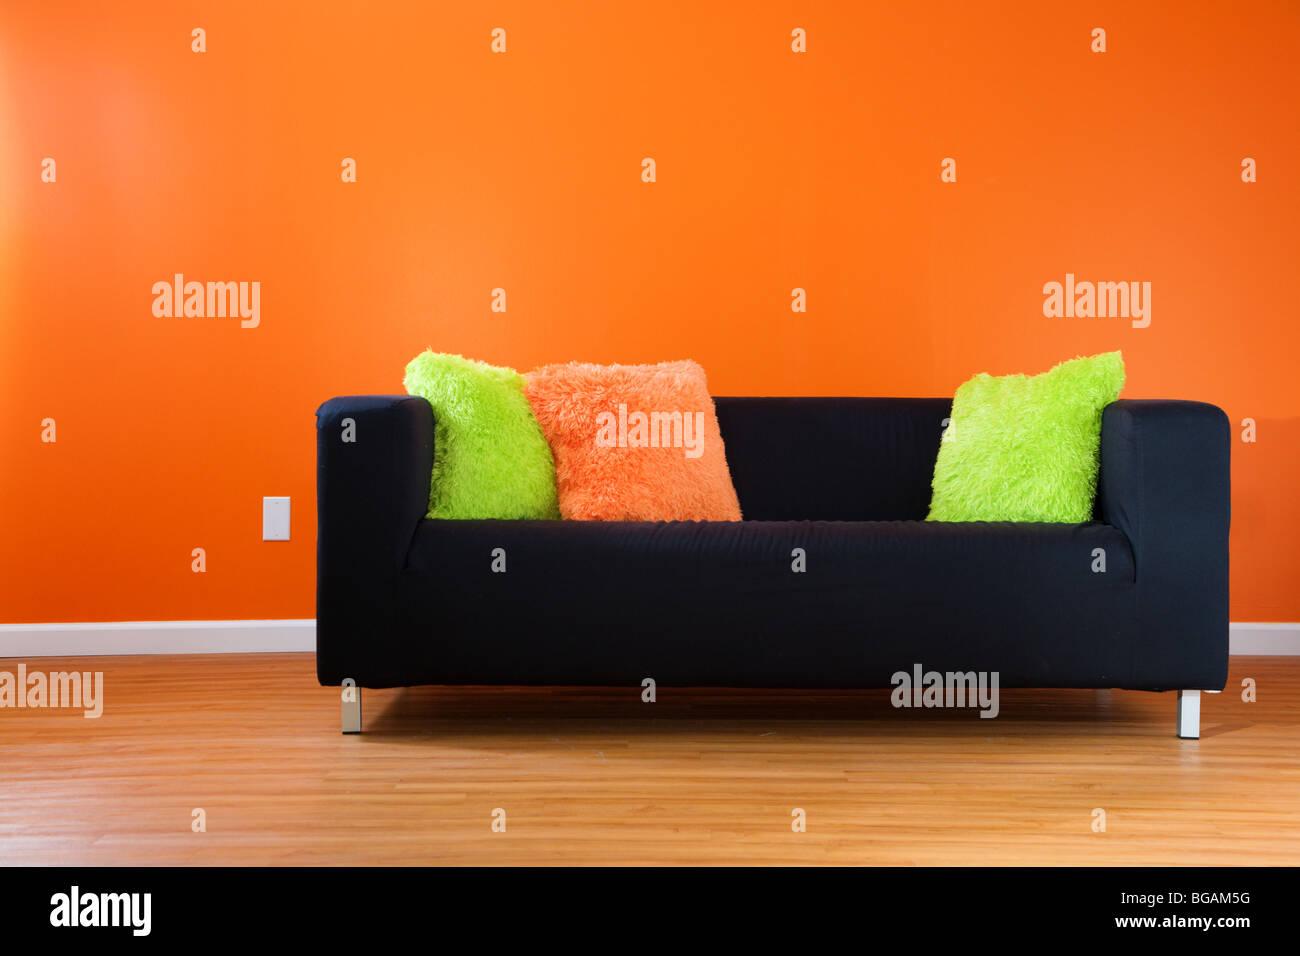 Zeitgenössische schwarze Couch gegen helle orange Wand in einem modernen Wohnzimmer Stockbild